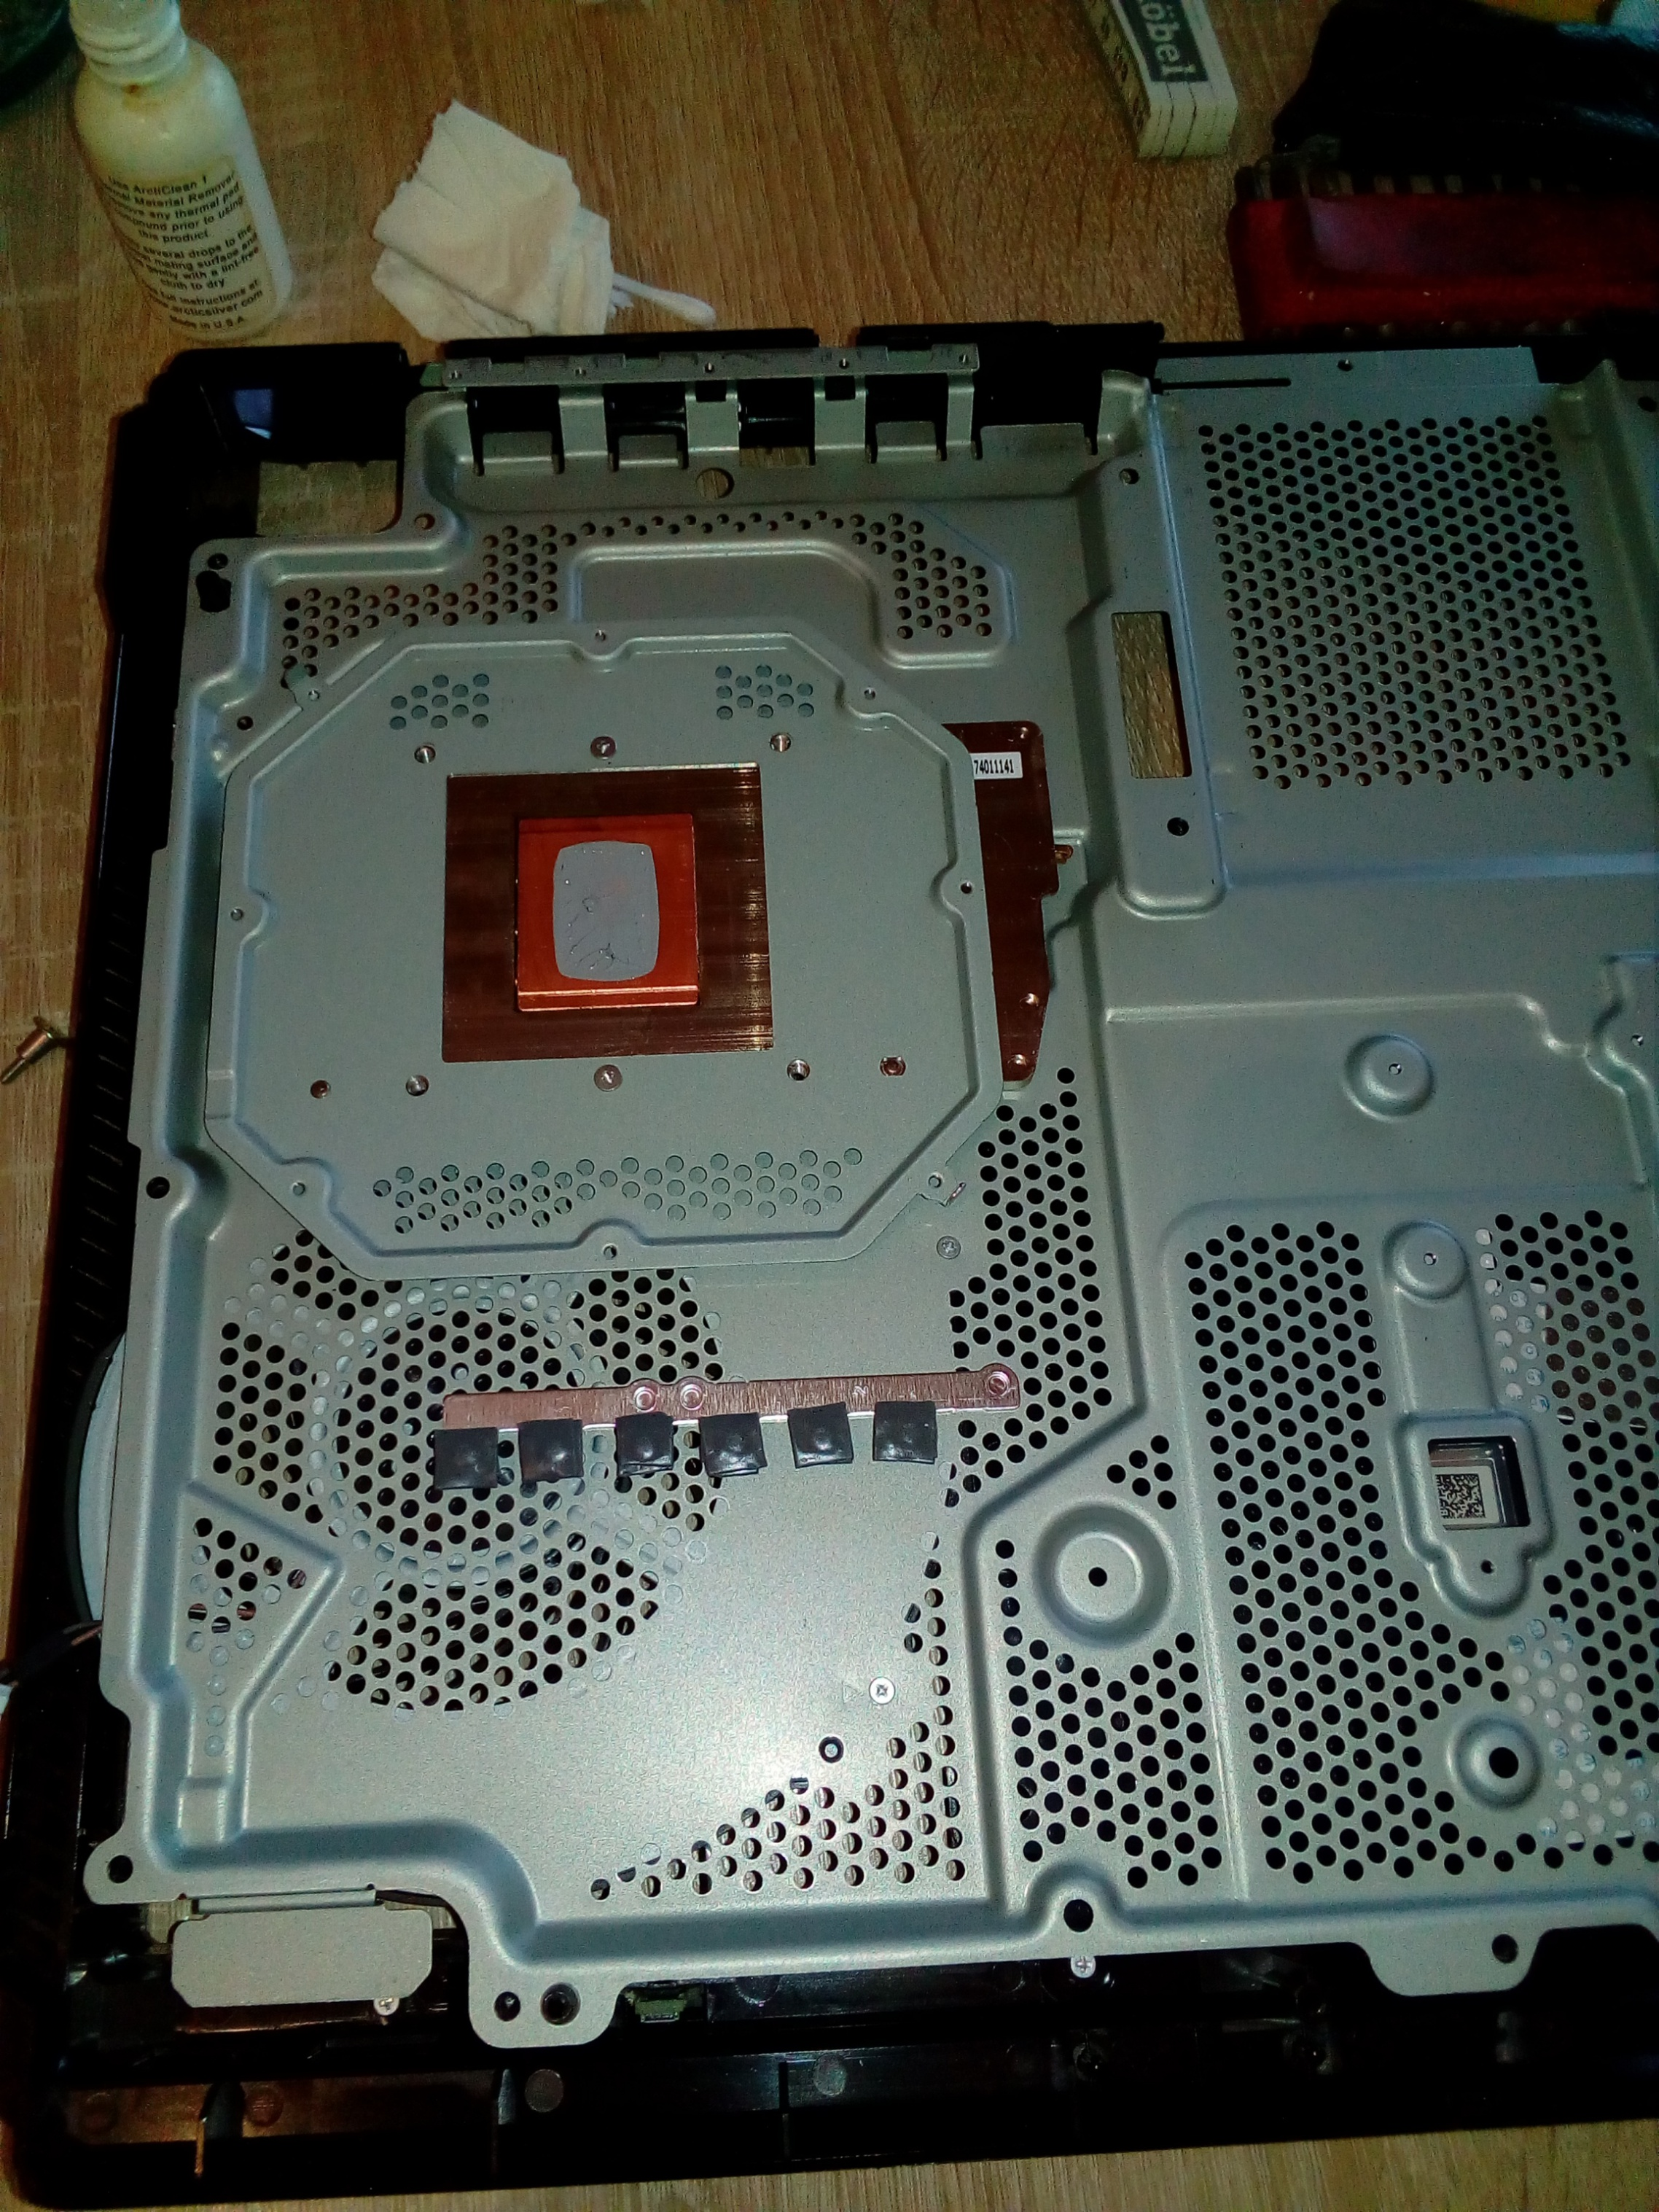 PS4 Pro Umbau für bessere Kühlung mit Zusatzlüfter - Seite 2